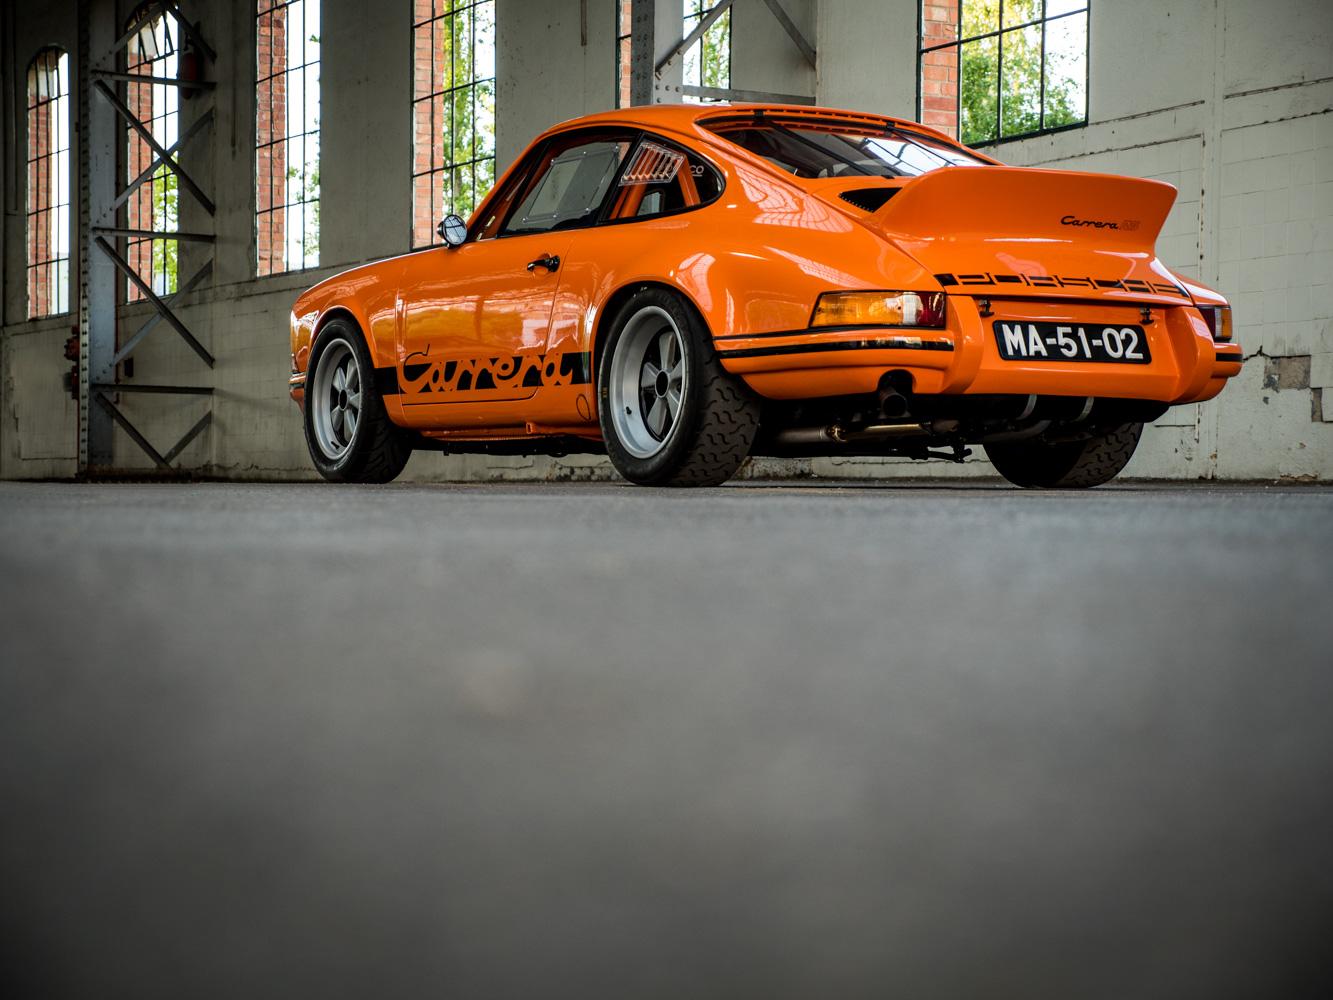 1969 Porsche 911 Carrera - 59.jpg.jpg